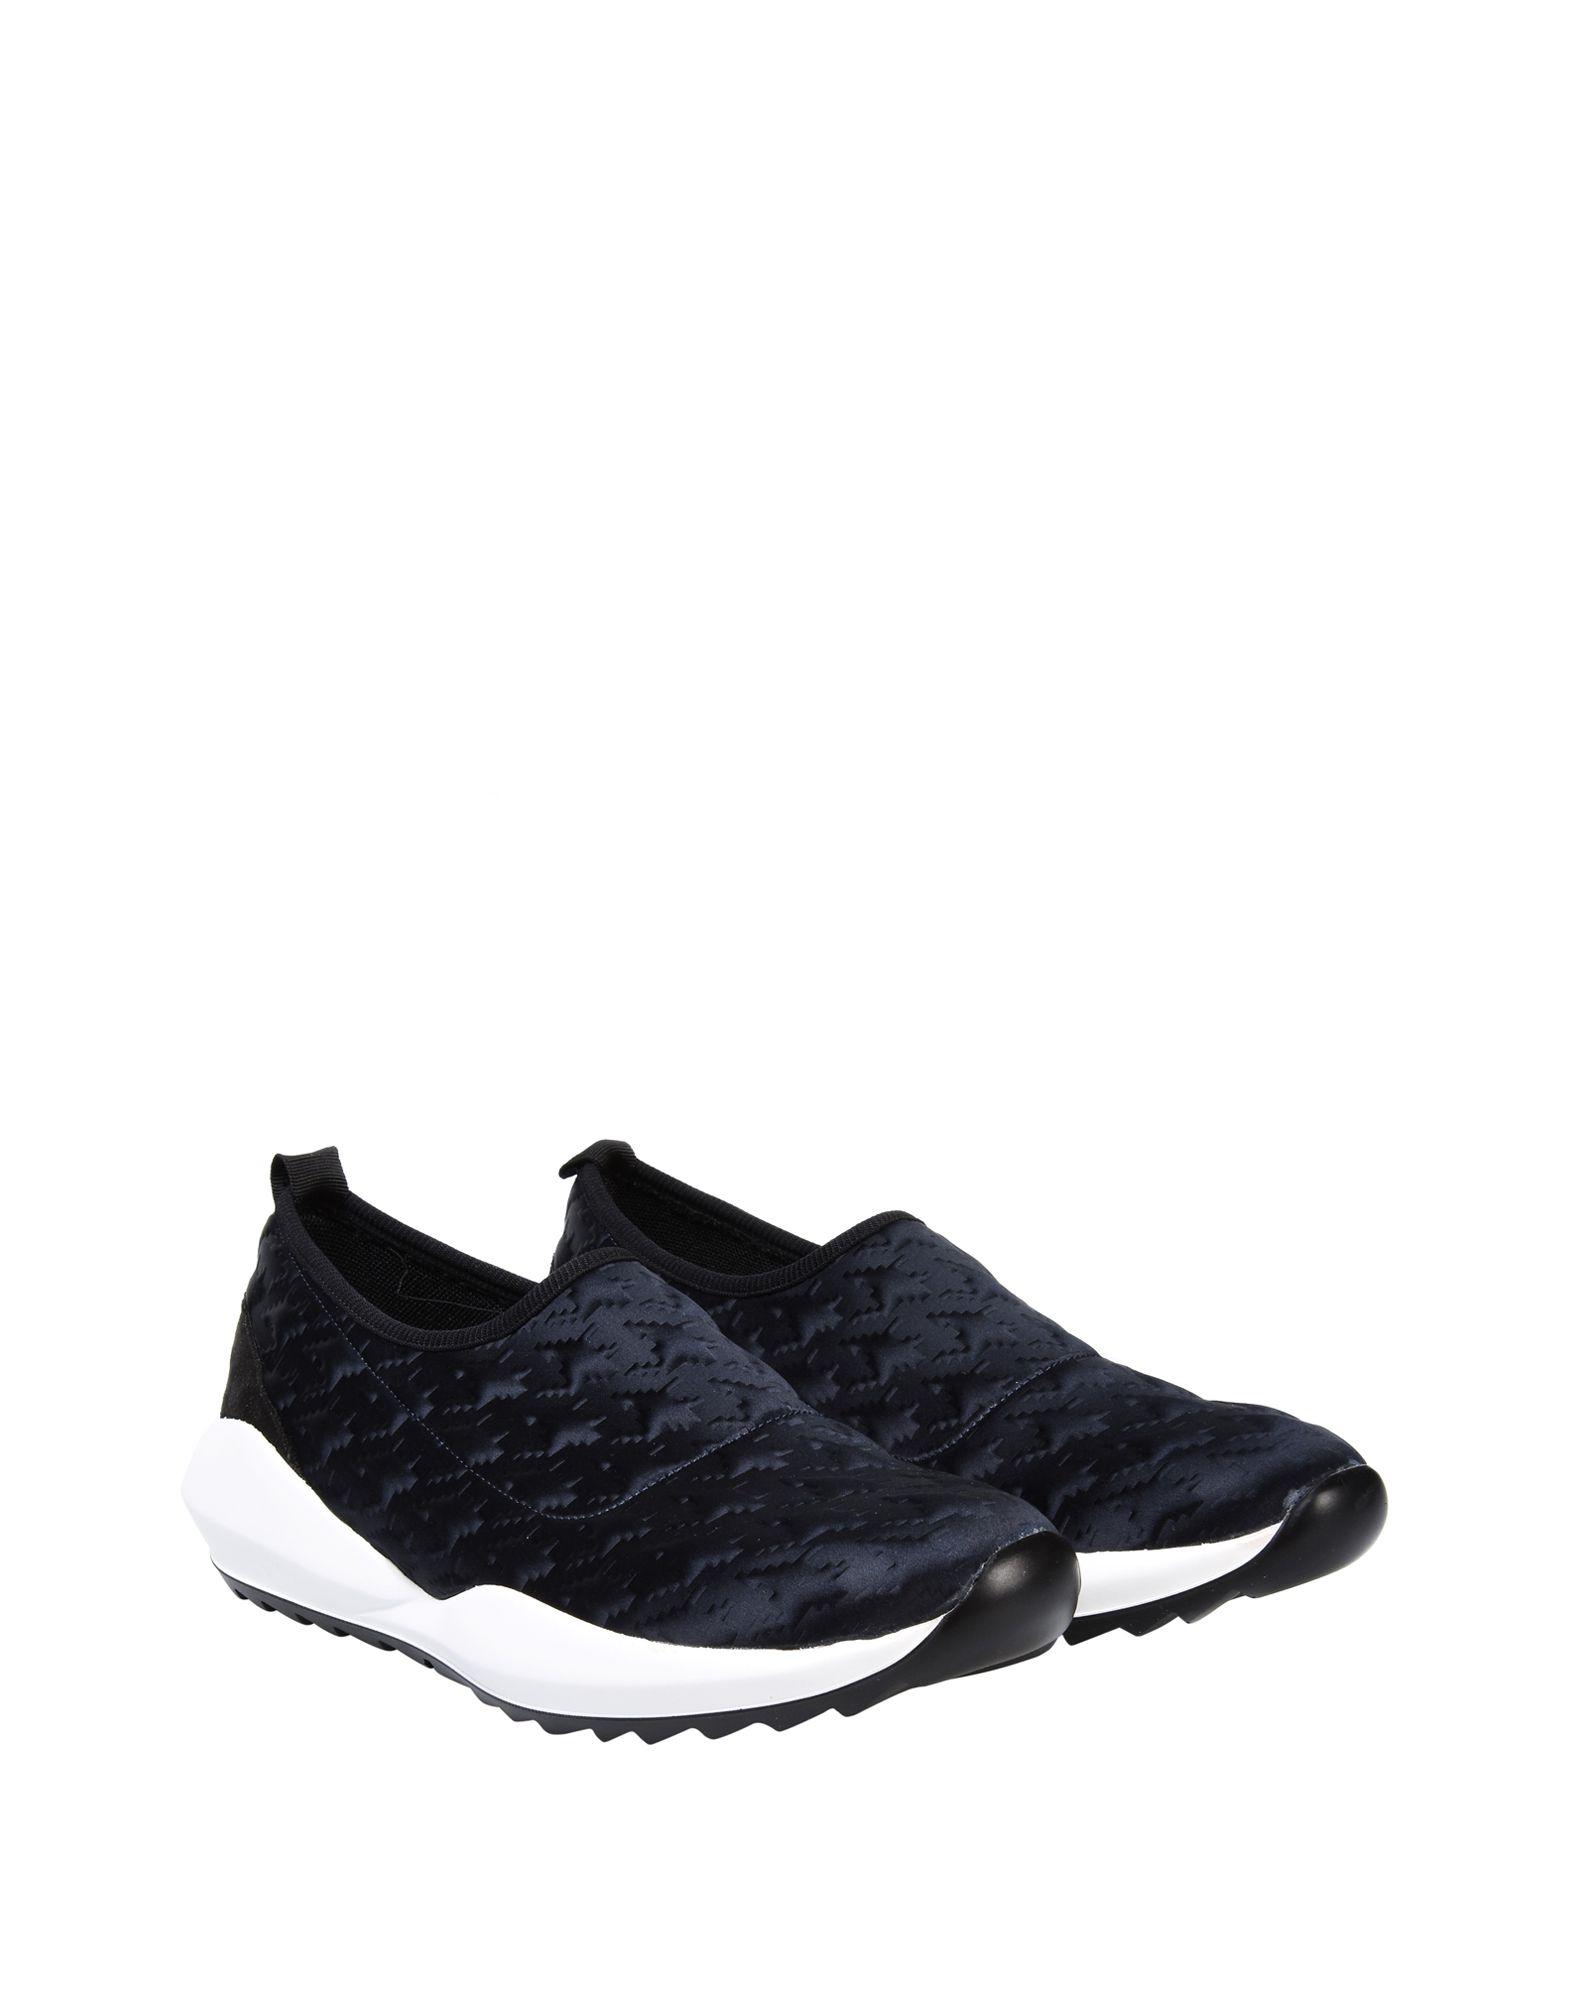 Carlo Pazolini Sneakers - Women Carlo Pazolini Sneakers Sneakers Sneakers online on  United Kingdom - 11084700OJ 402dbe